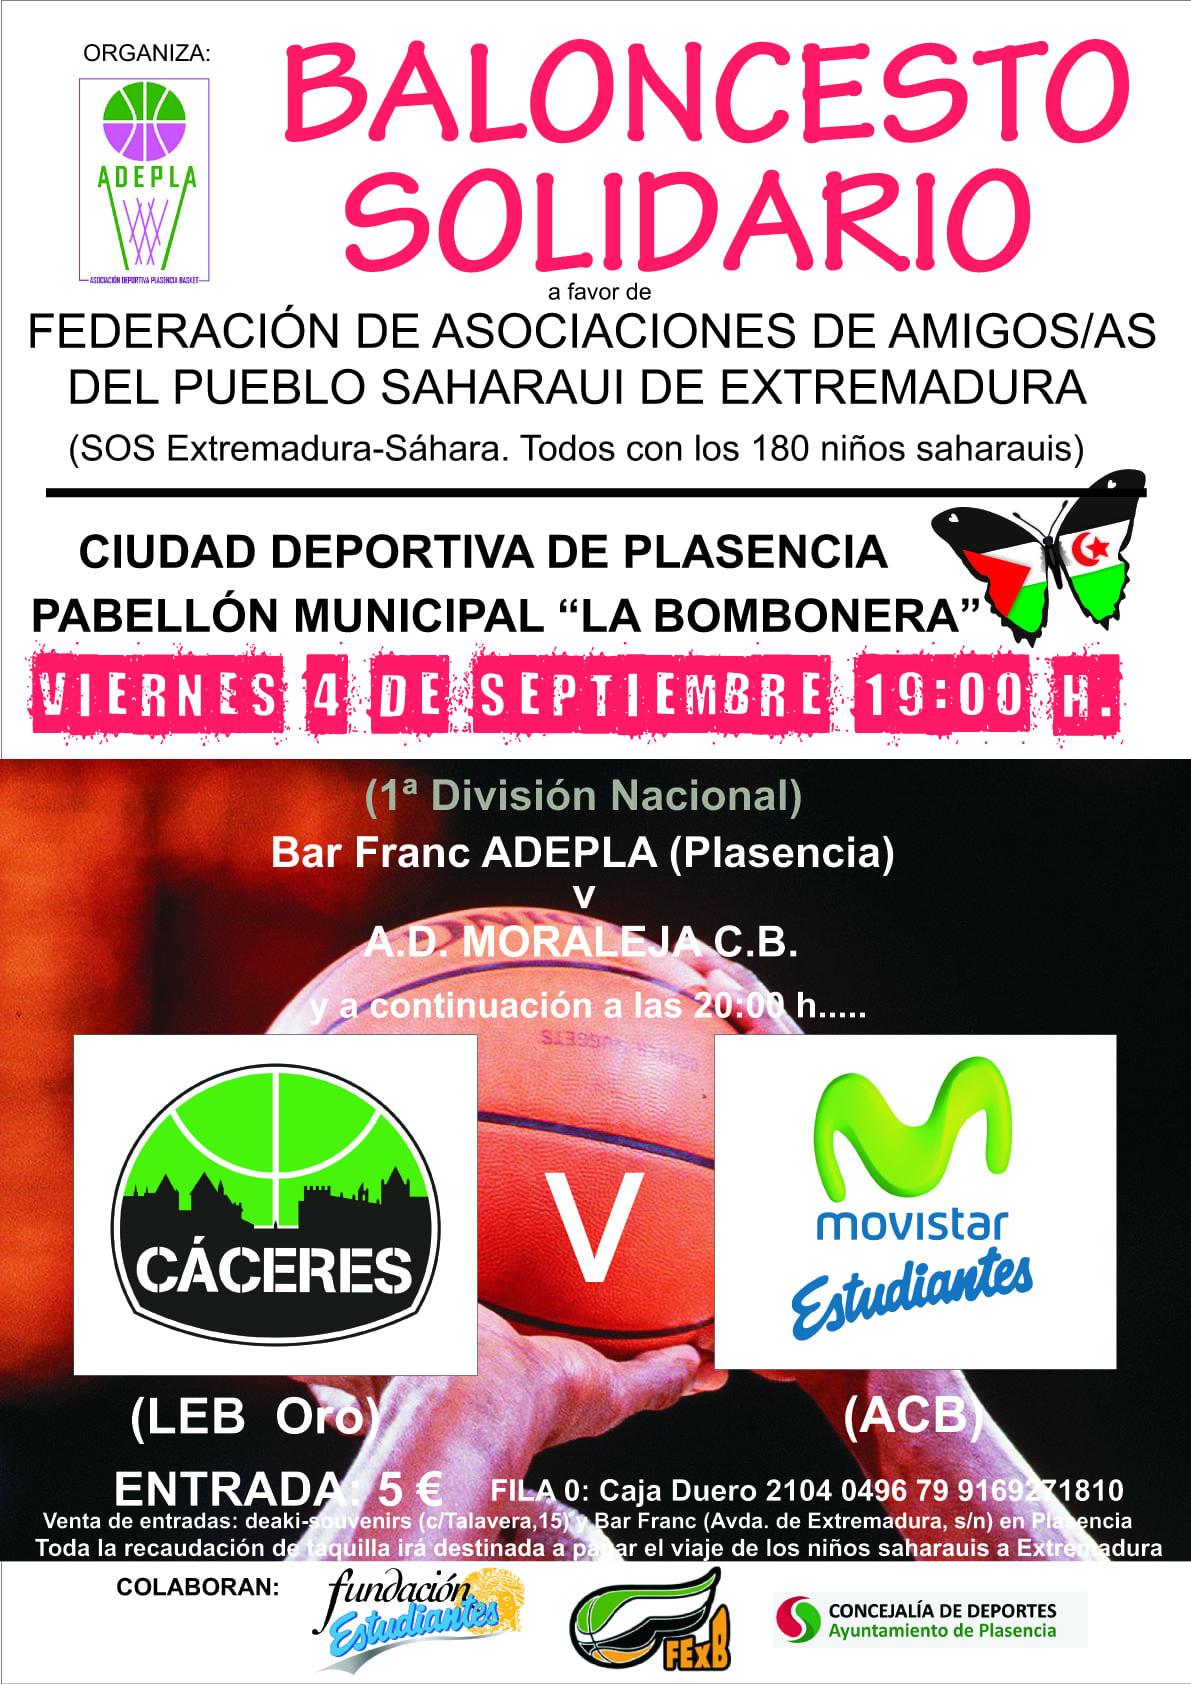 Presentado el primer amistoso de pretemporada: partido solidario con el Sahara el 4 de septiembre en Plasencia contra Cáceres